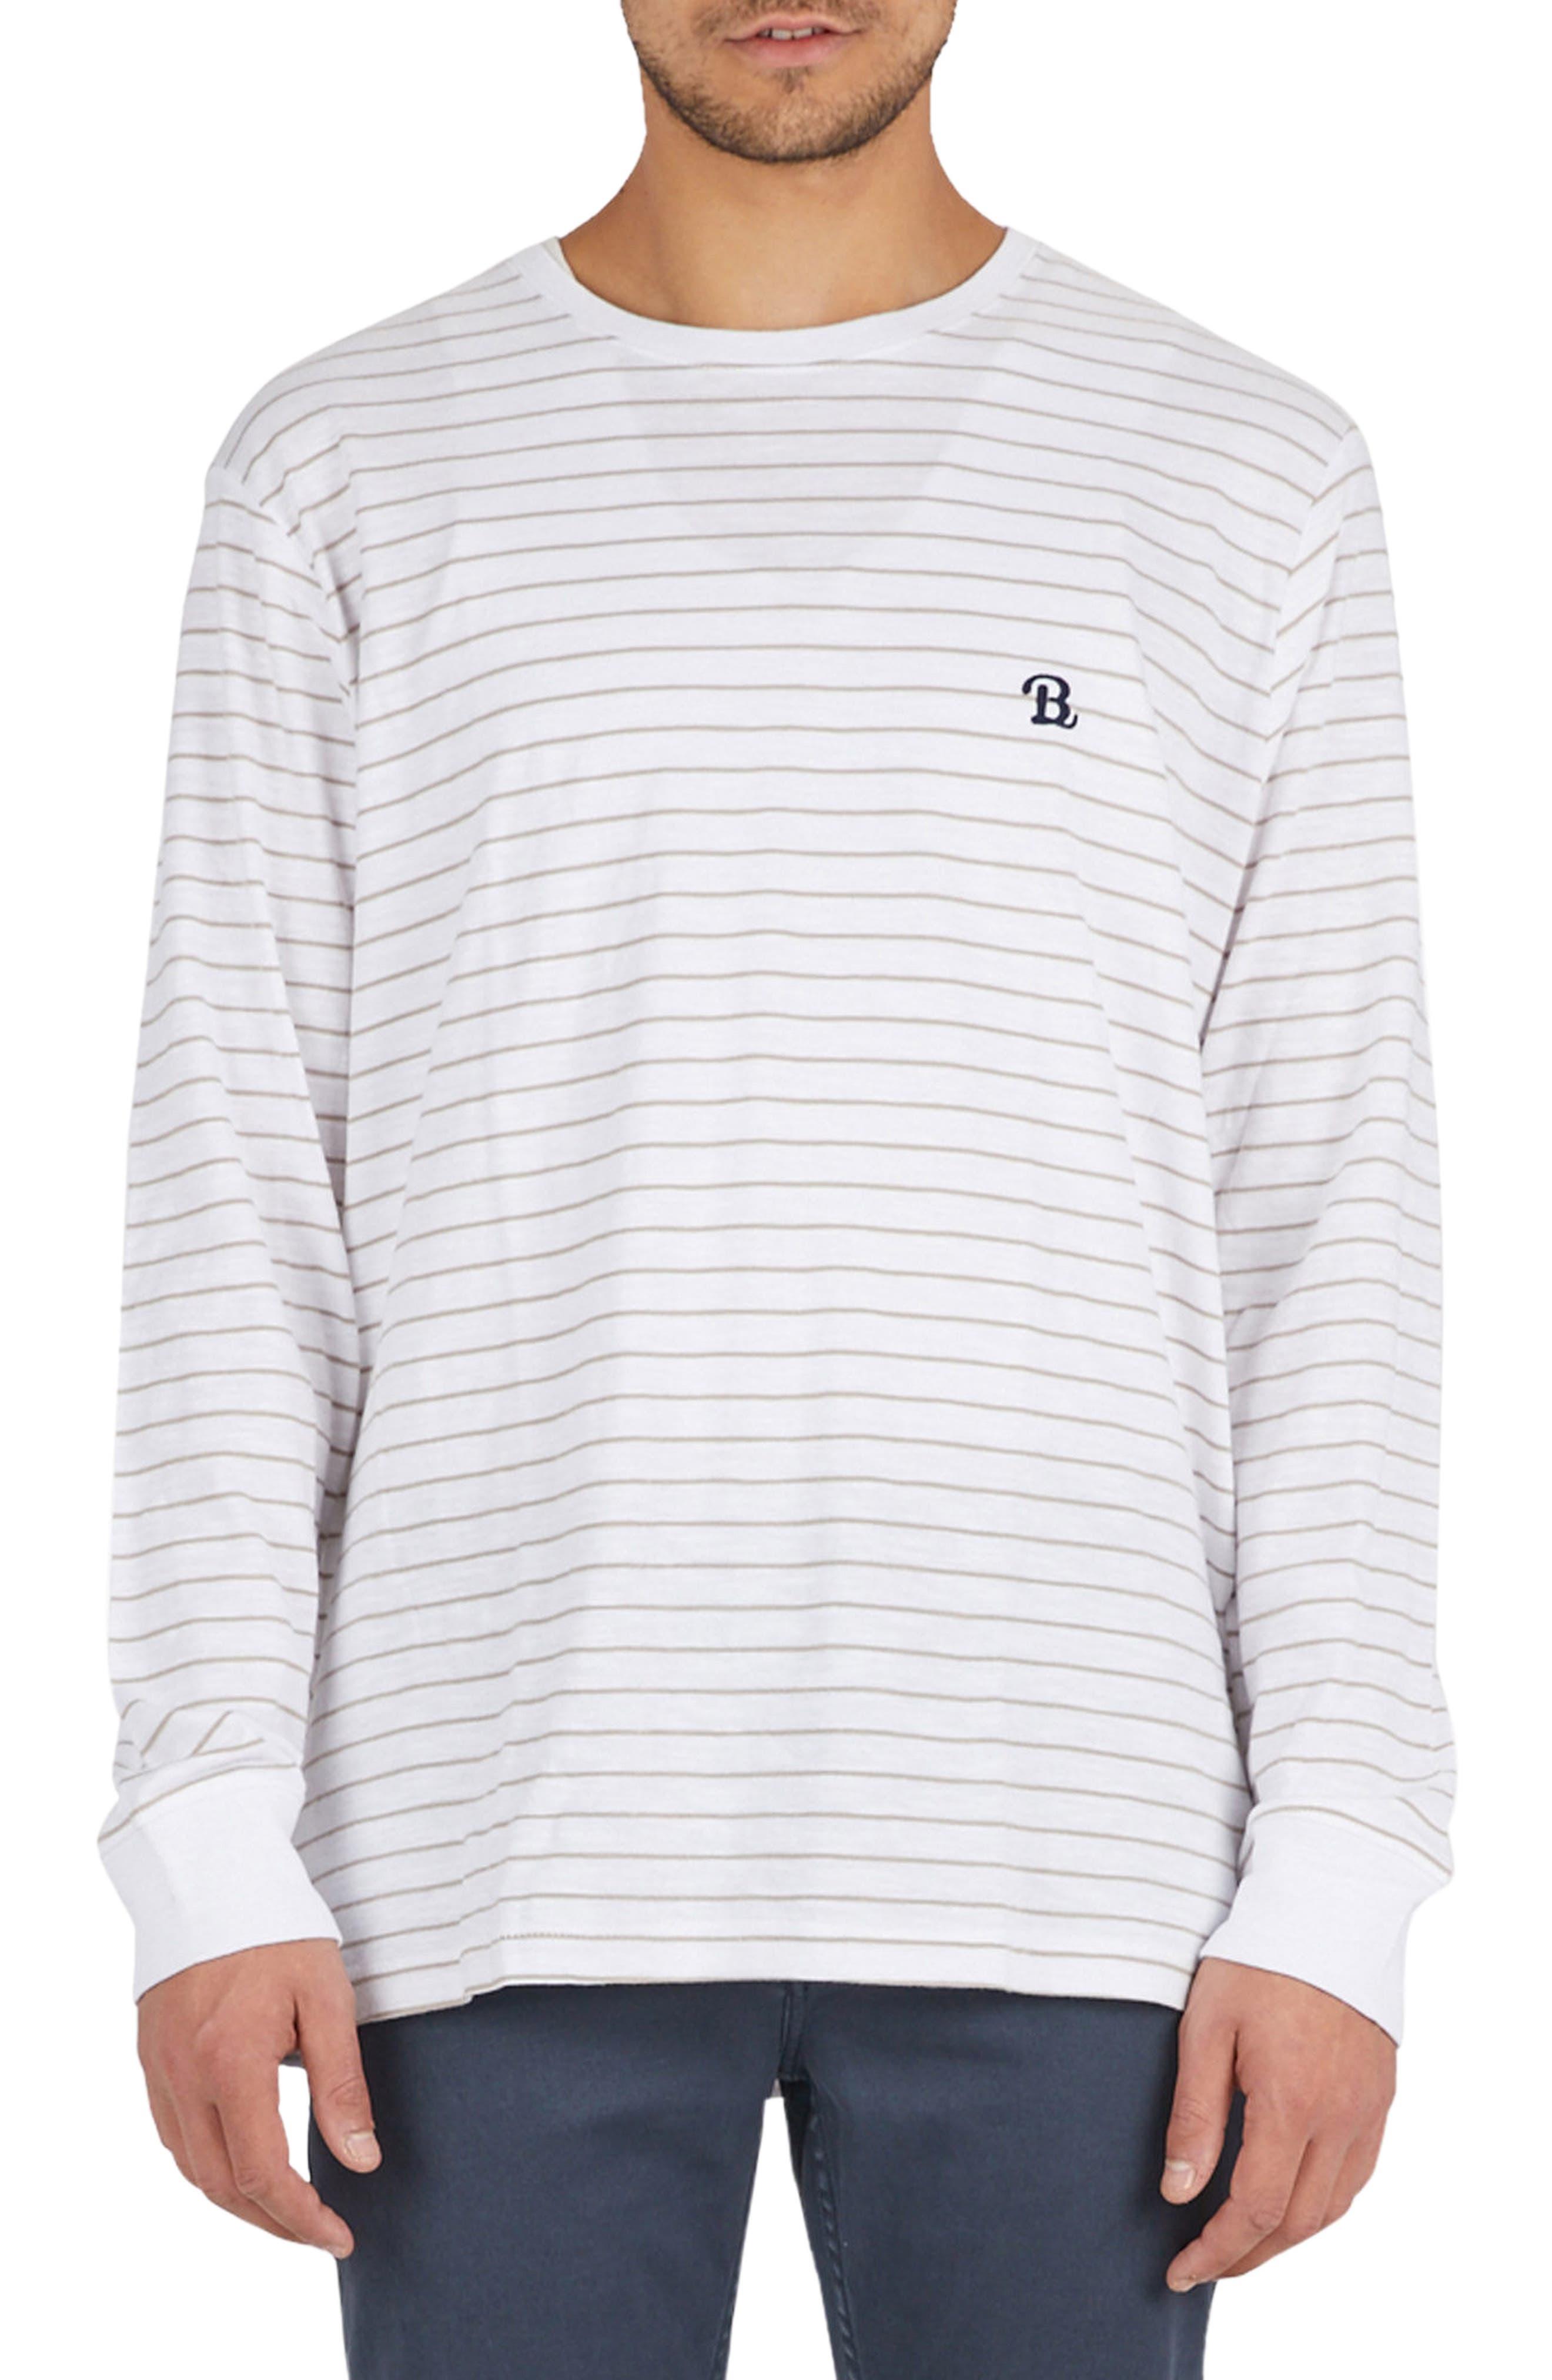 Main Image - Barney Cools B. Schooled T-Shirt